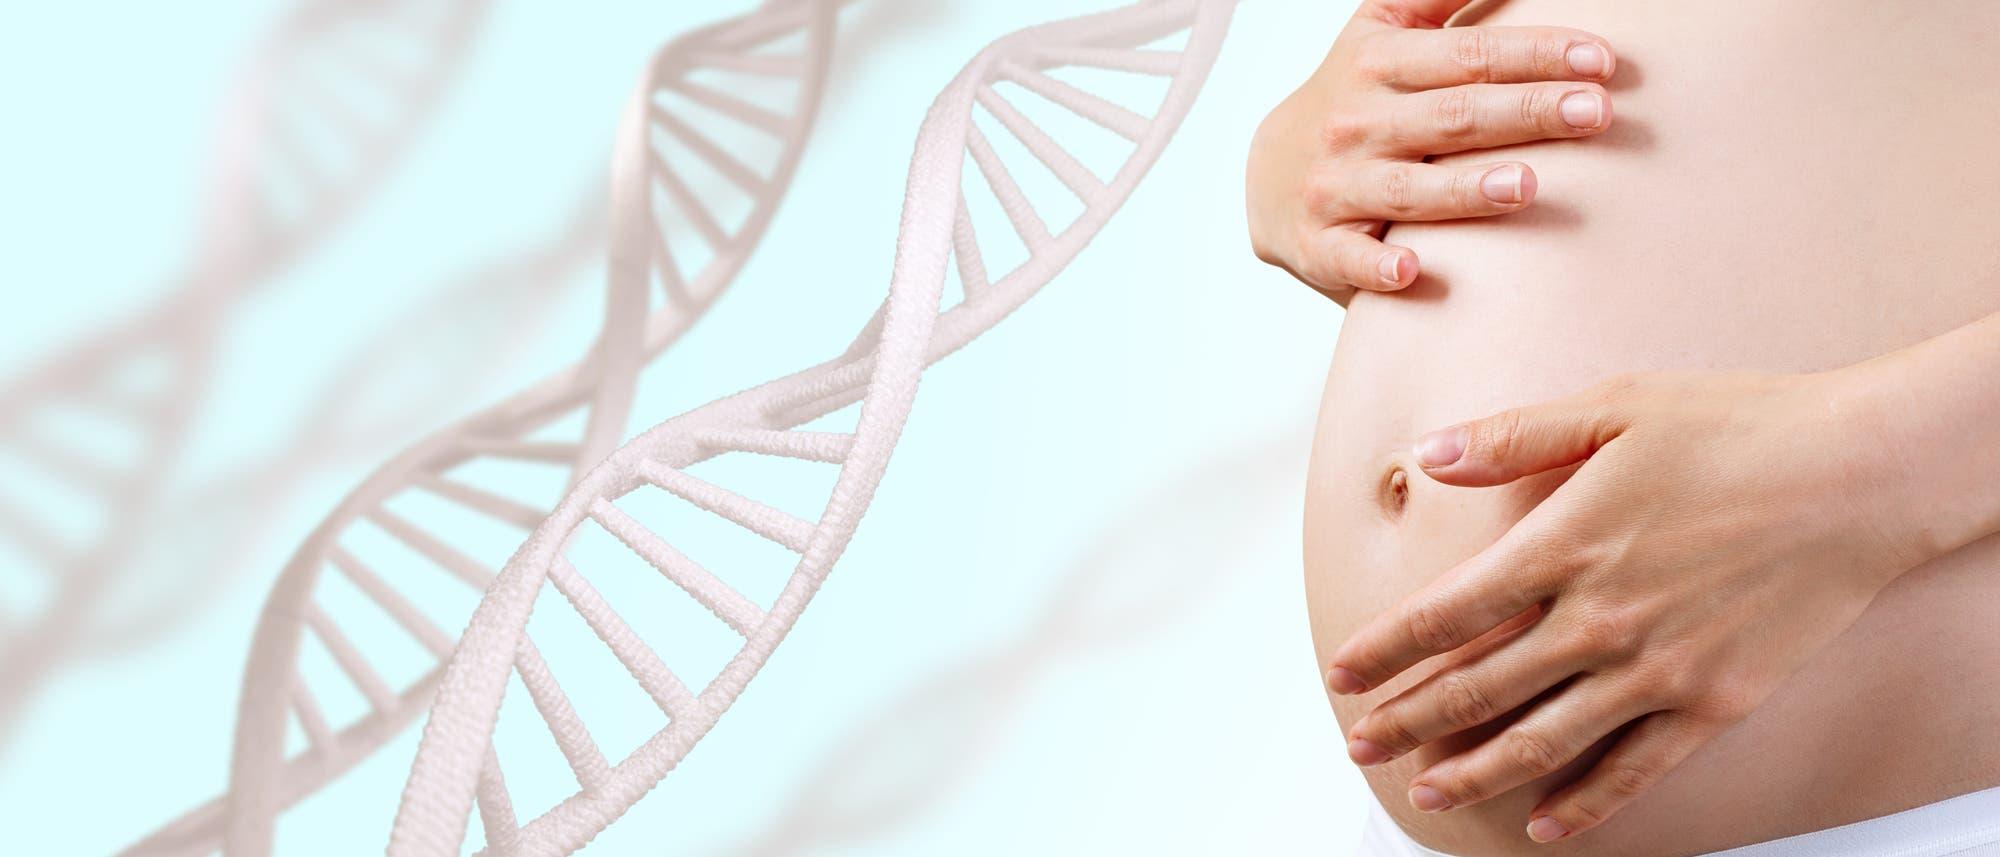 Der Bauch einer Schwangeren neben einigen stilisierten Doppelhelices.